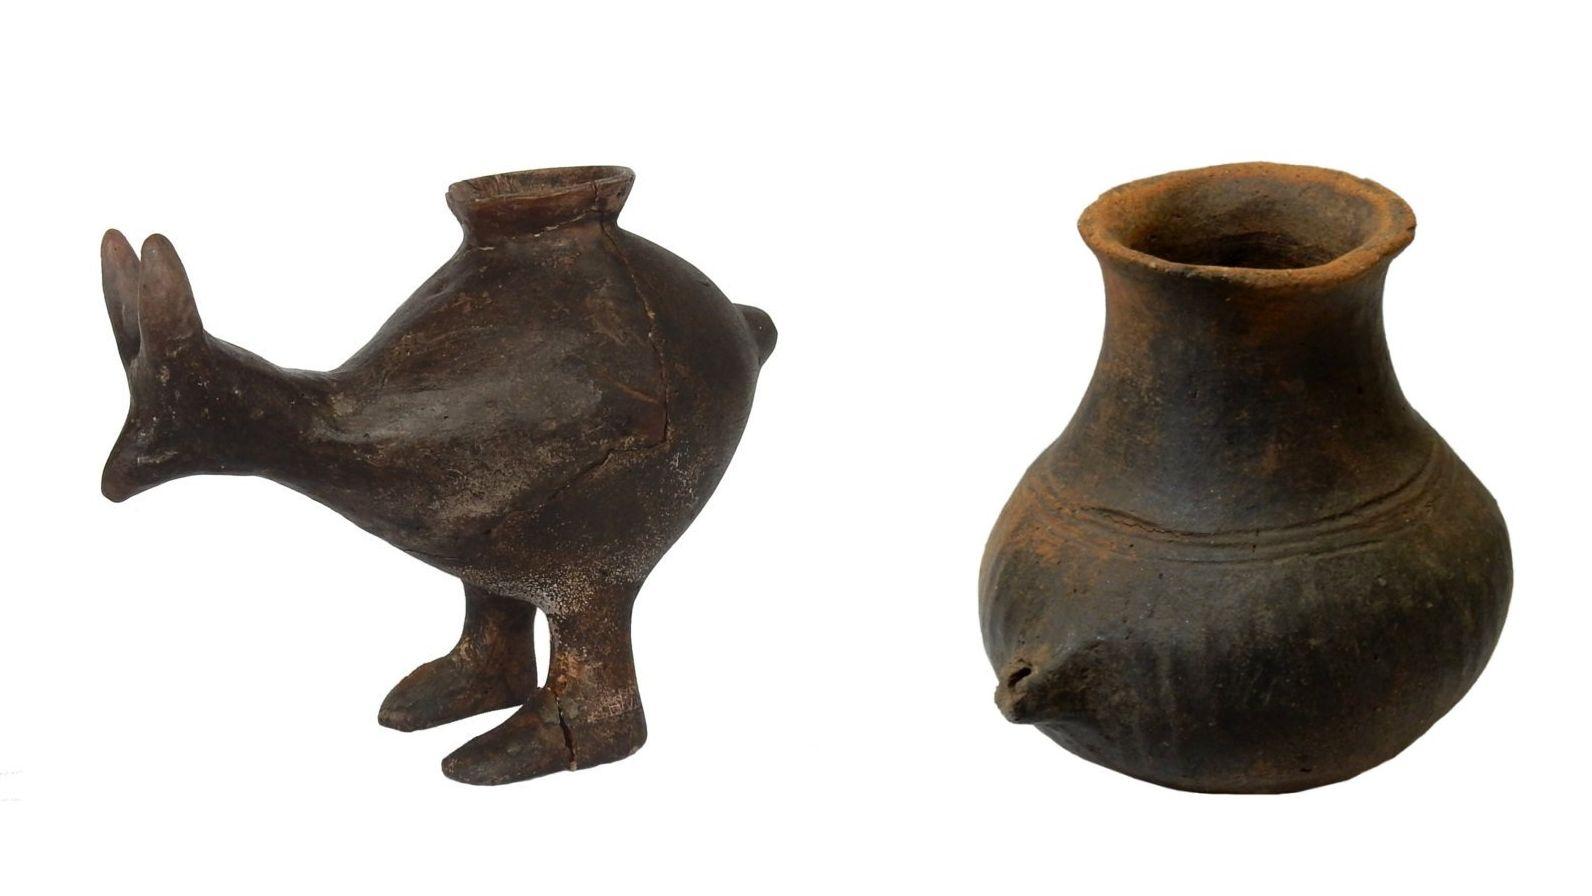 Auswahl an Fütterungsgefäßen der späten Bronzezeit. Die Schiffe kommen aus Wien, Oberleis, Vösendorf und Franzhausen-Kokoron (von links nach rechts), datiert auf 1200- 800 v. Chr.